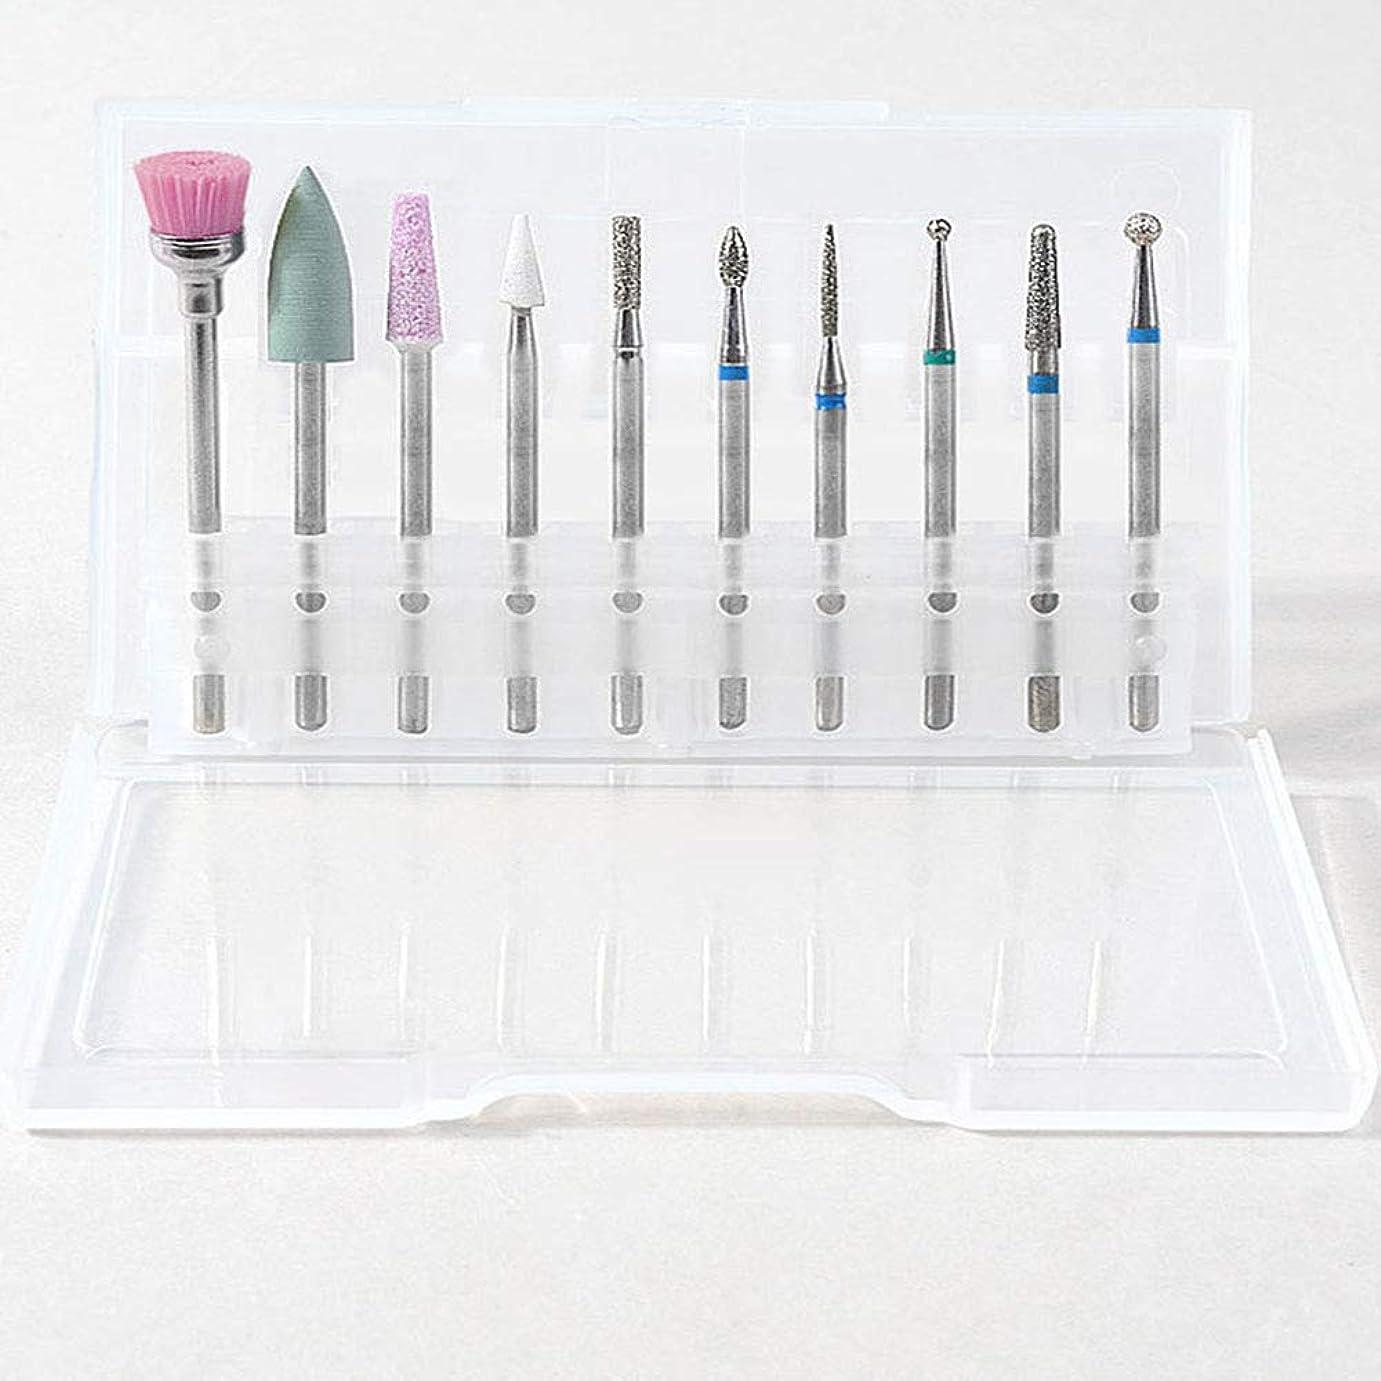 すぐに治療ブース研磨ヘッド ネイルドリルビット 高品質タングステン鋼合金 ネイル道具 10個/セット (01)